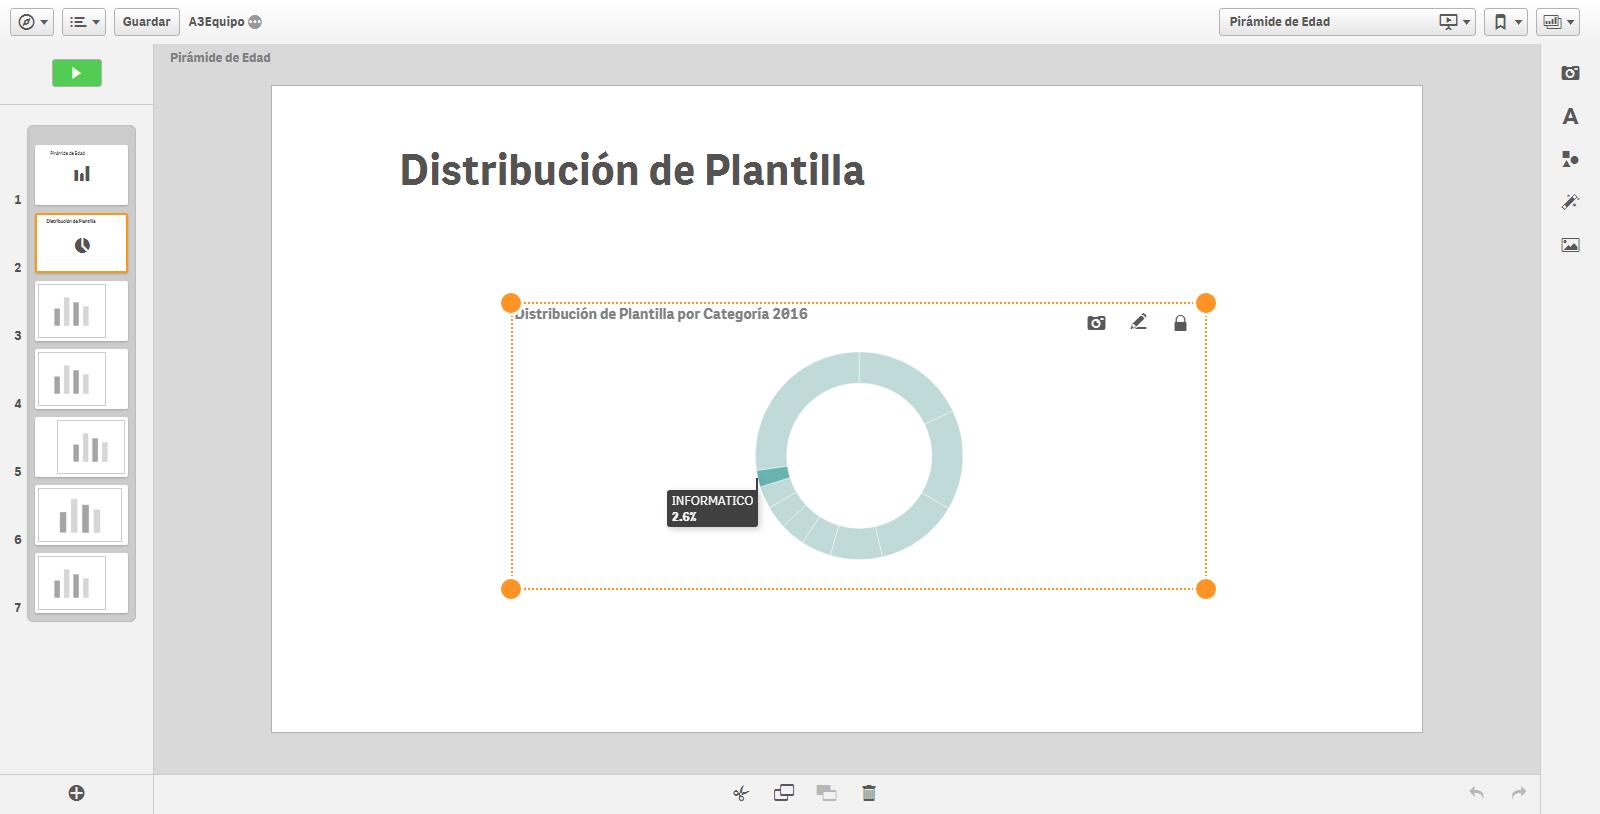 distribucion plantilla informatico